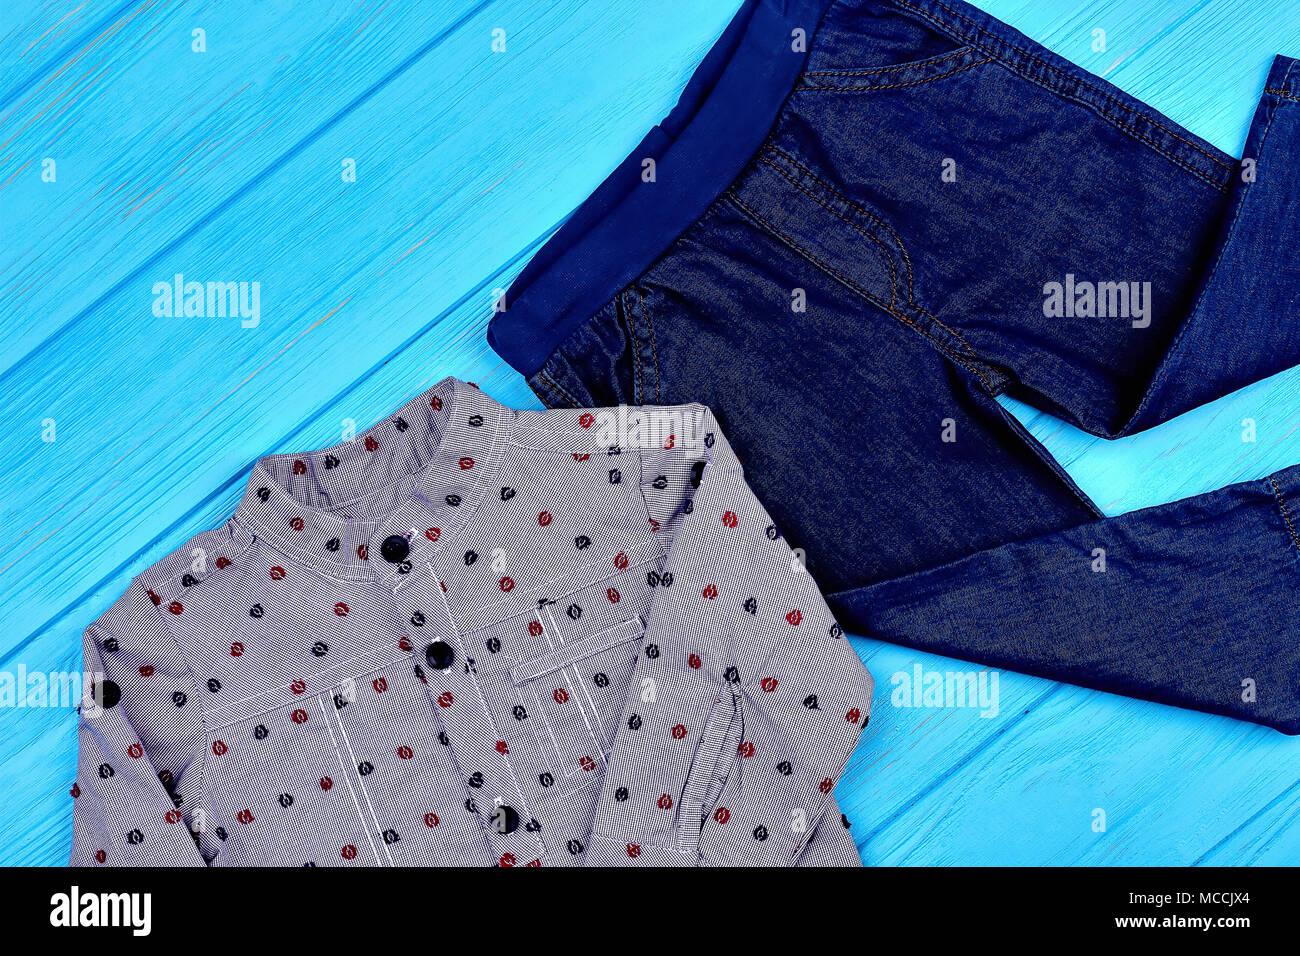 ac496fb17eae6 Bébé garçon vêtements-jeans moderne. En pointillé gris shirt et pantalon en  jean pour petit garçon. Nouvelle collection de vêtements modernes pour ...